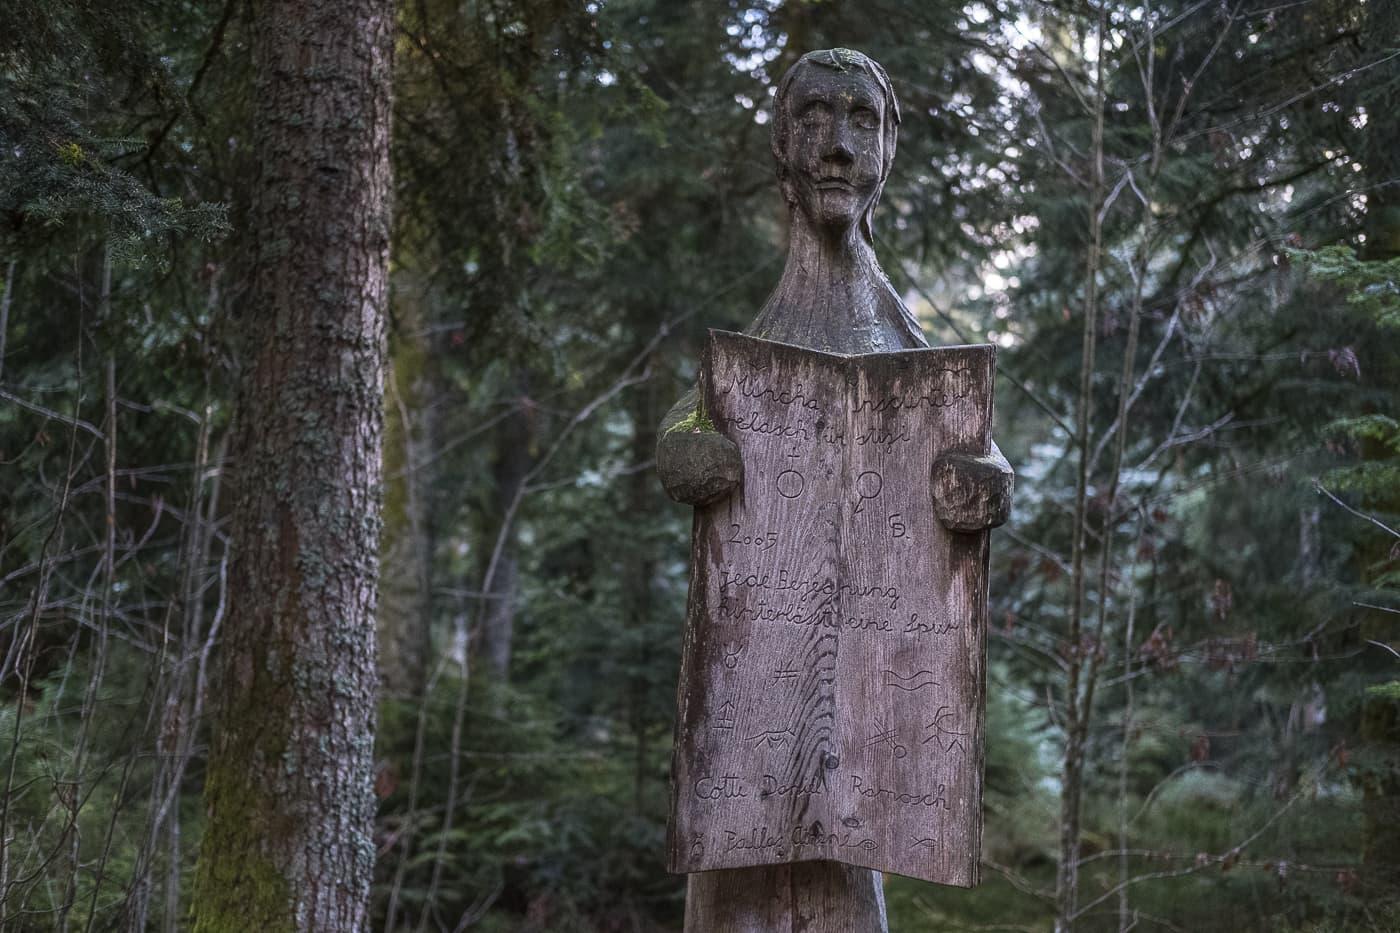 Holzskulpturen im Wald vom Emmental